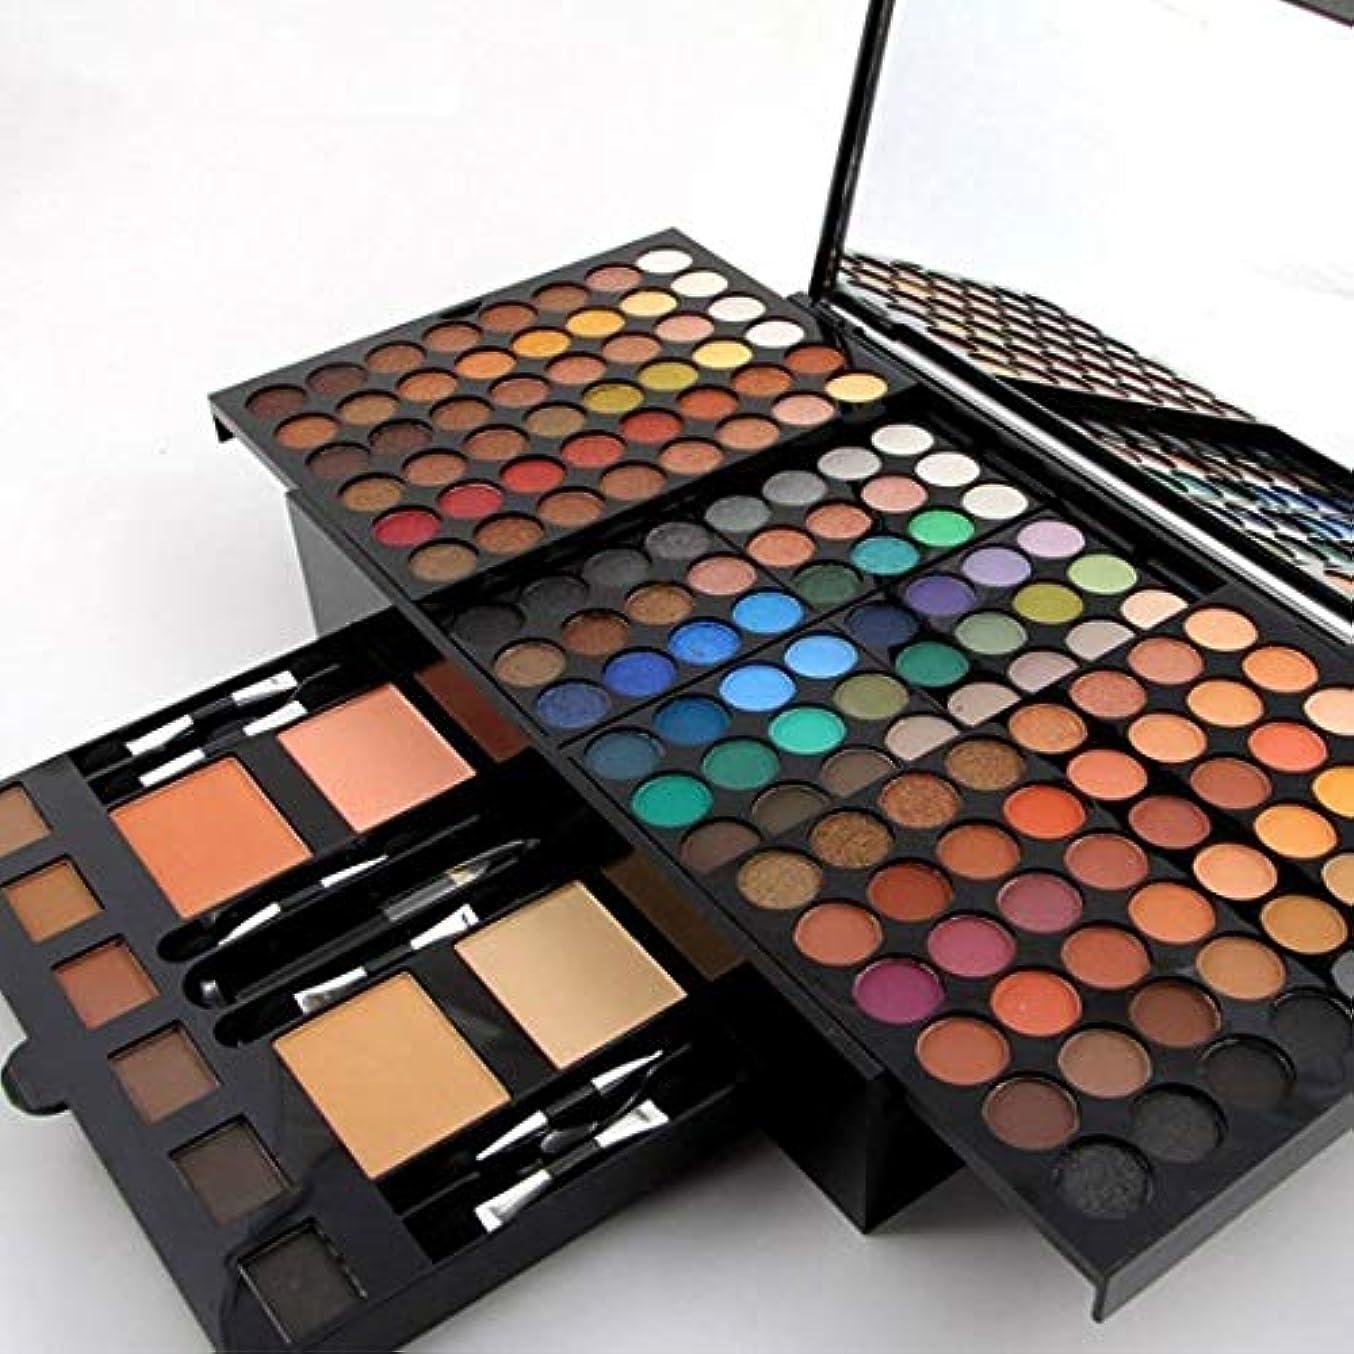 オデュッセウス引き出しスワップMISS ROSE 180 Colors Professional Eyeshadow Palette Makeup Set with Makeup Brushes Mirror Shrink Matte & Shimmer...